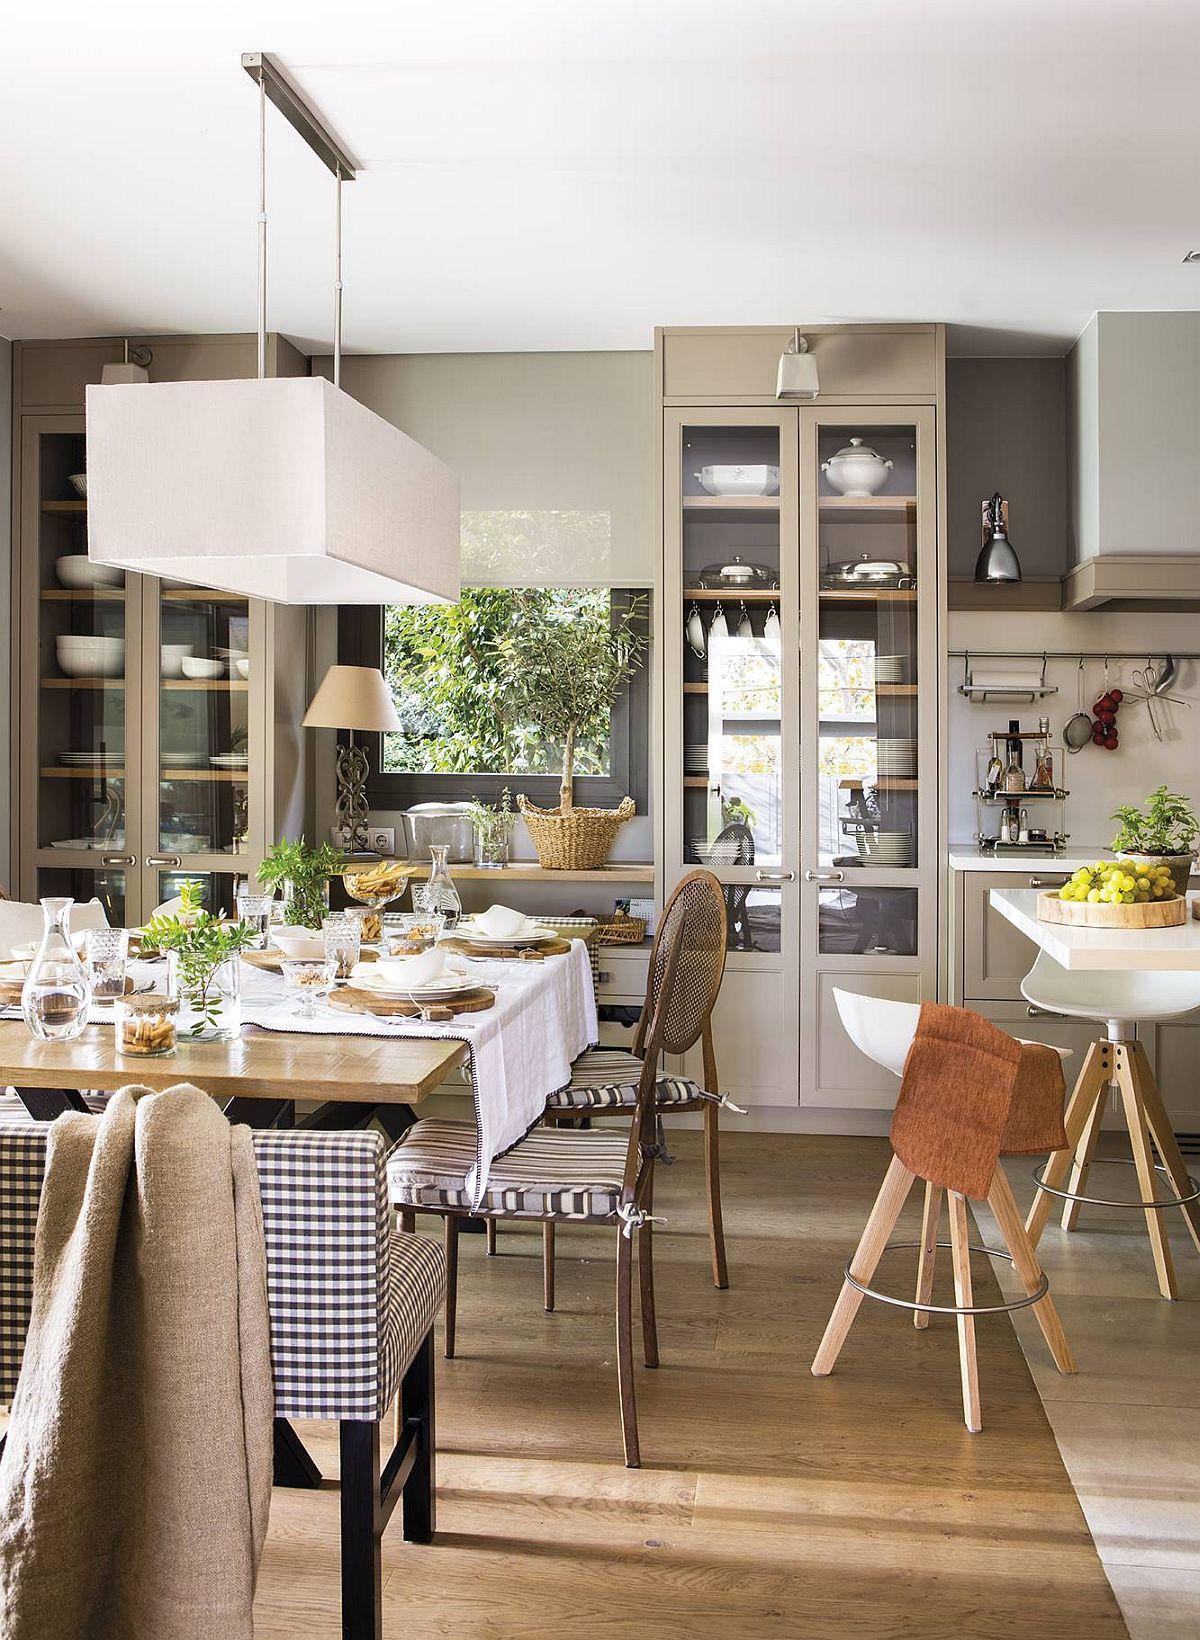 Locul de sufragerie este în același spațiul cu bucătăria, dar finisajele de la nivelul pardoselii sunt diferite pentru a marca funcțiunile. Însă mobila este realizată în aceeași linie și culoare, astfel ca la nivel superior totul să fie perceput unitar.